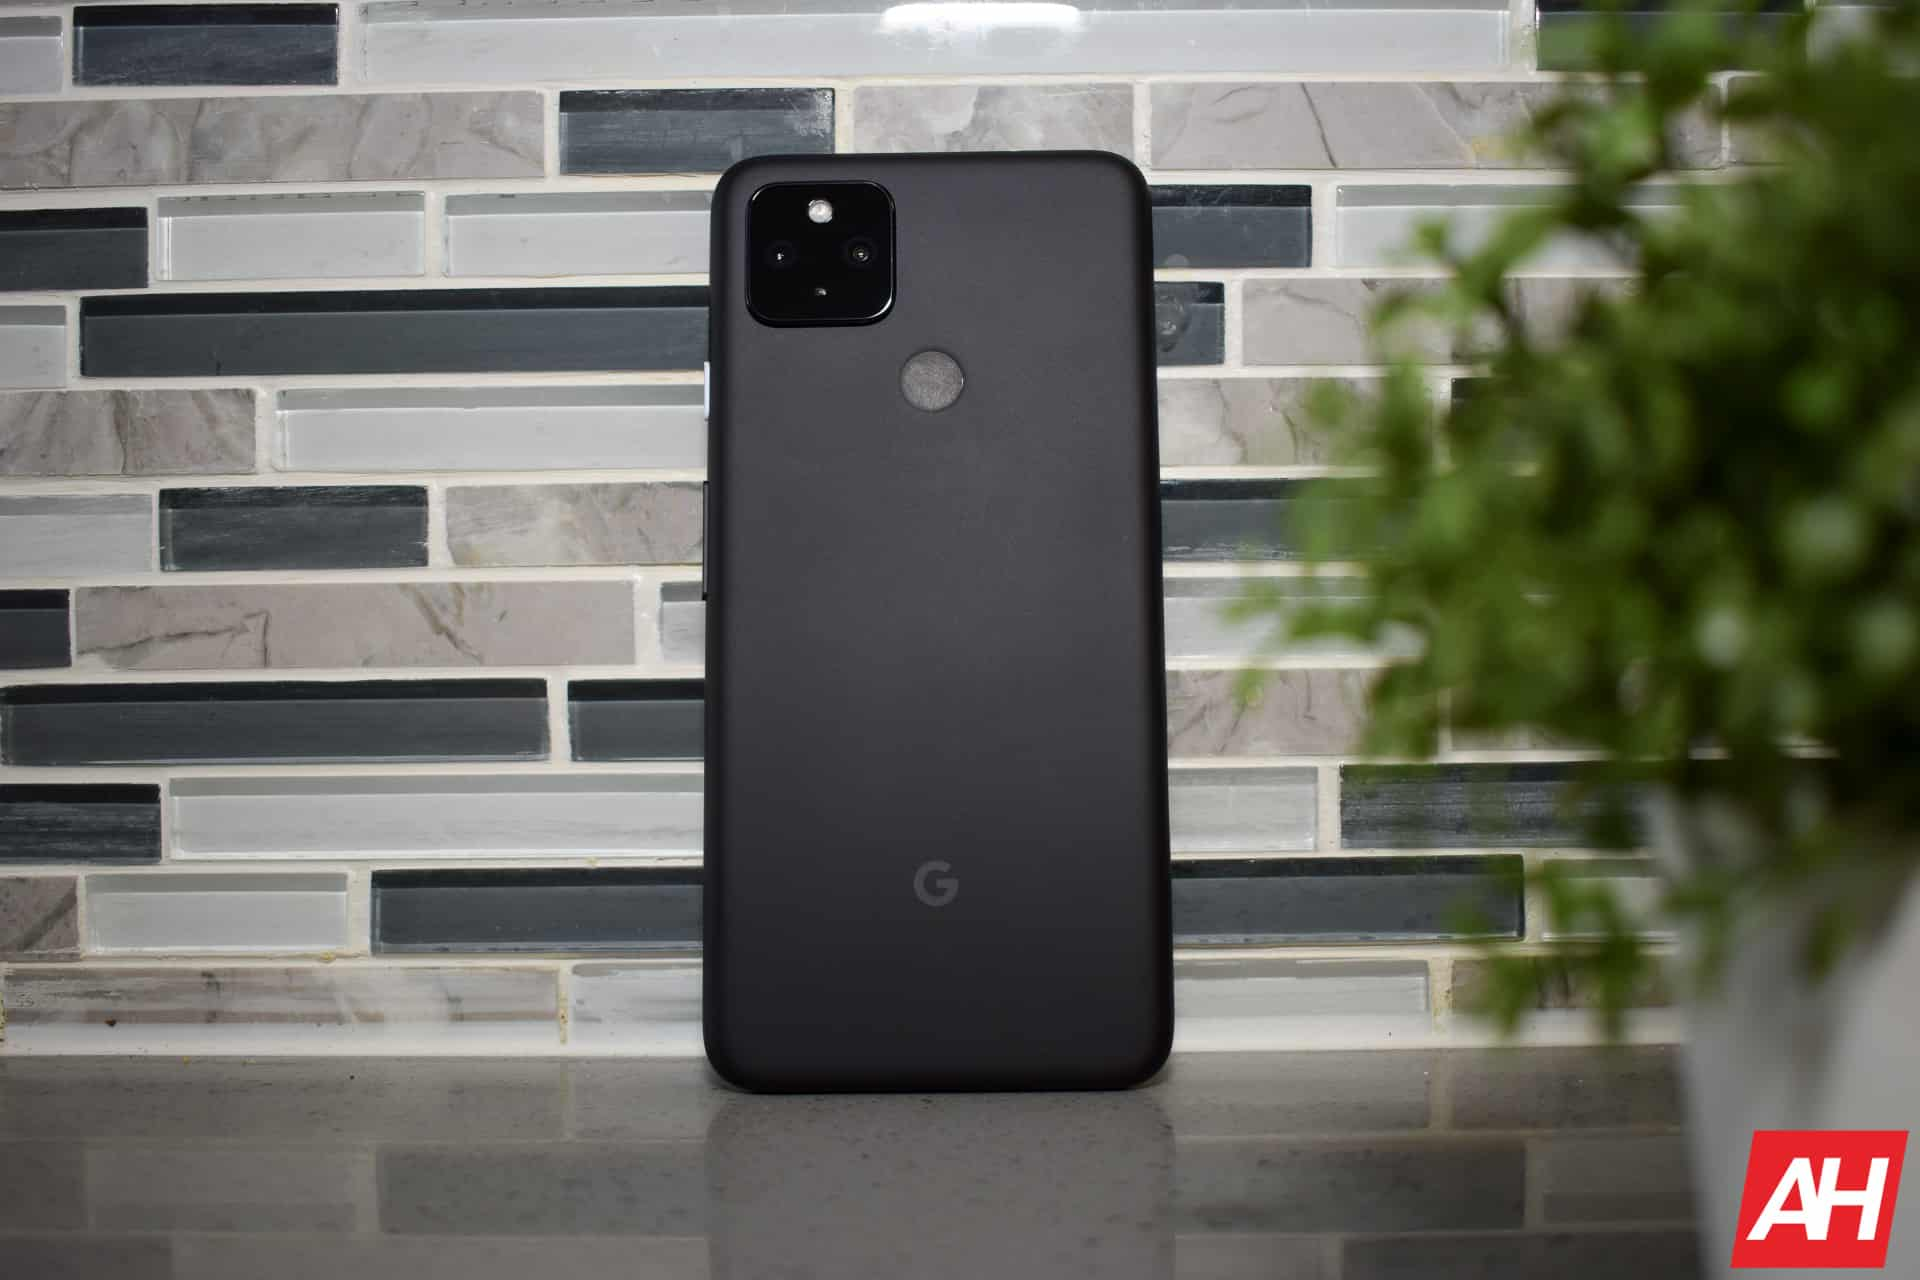 Google Pixel 4a 5G 2 AM AH 14